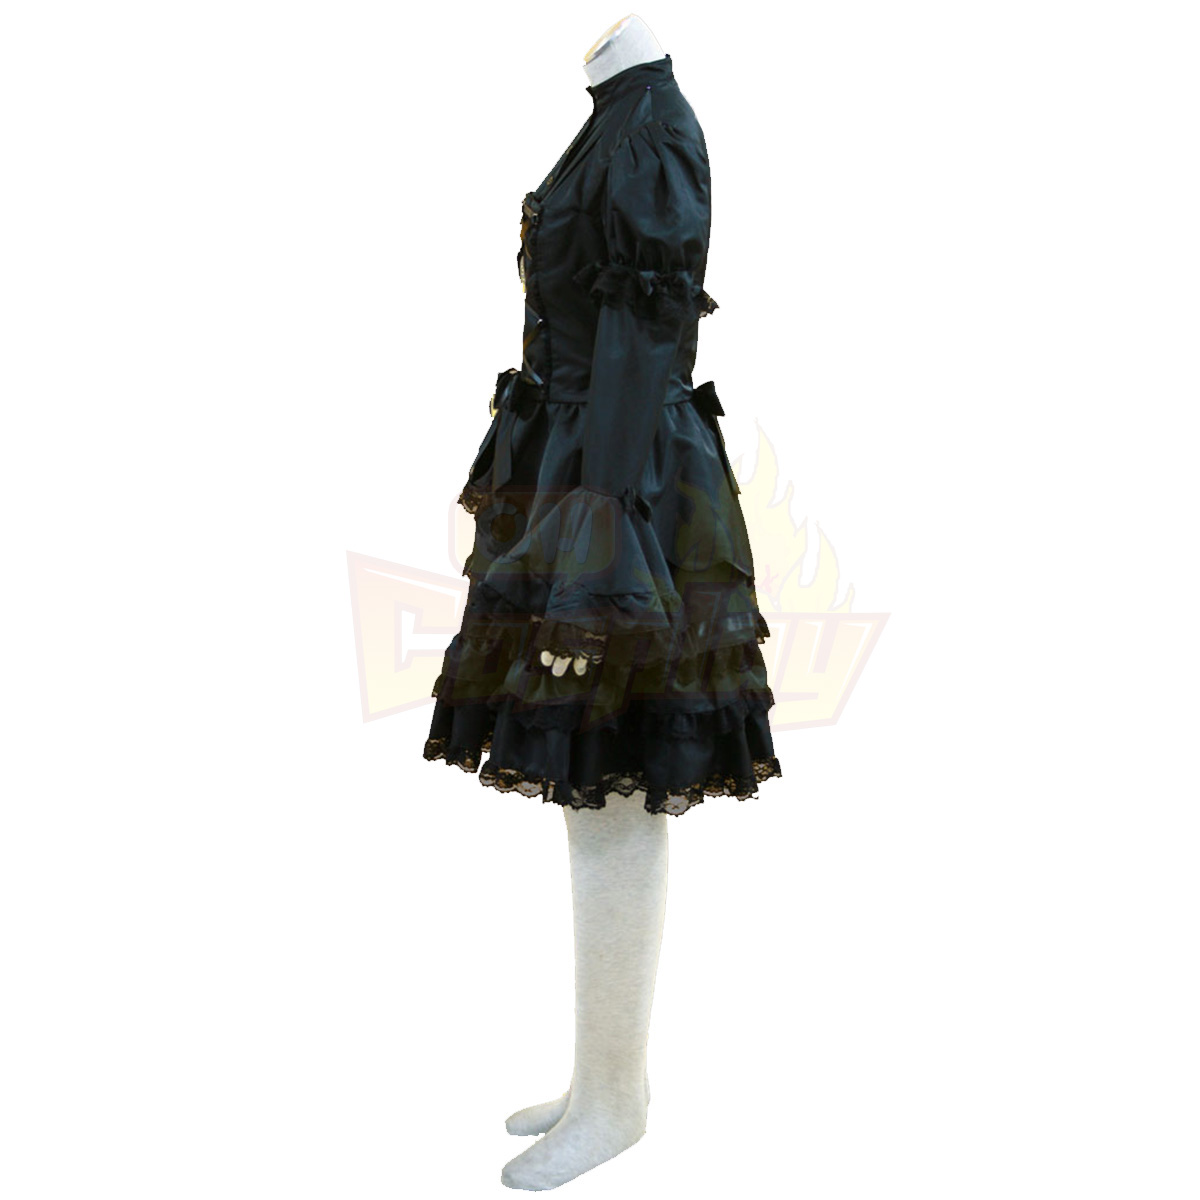 호화로운 로리타 문화 검은 및 화이트 민소매 짧은 드레스 코스프레